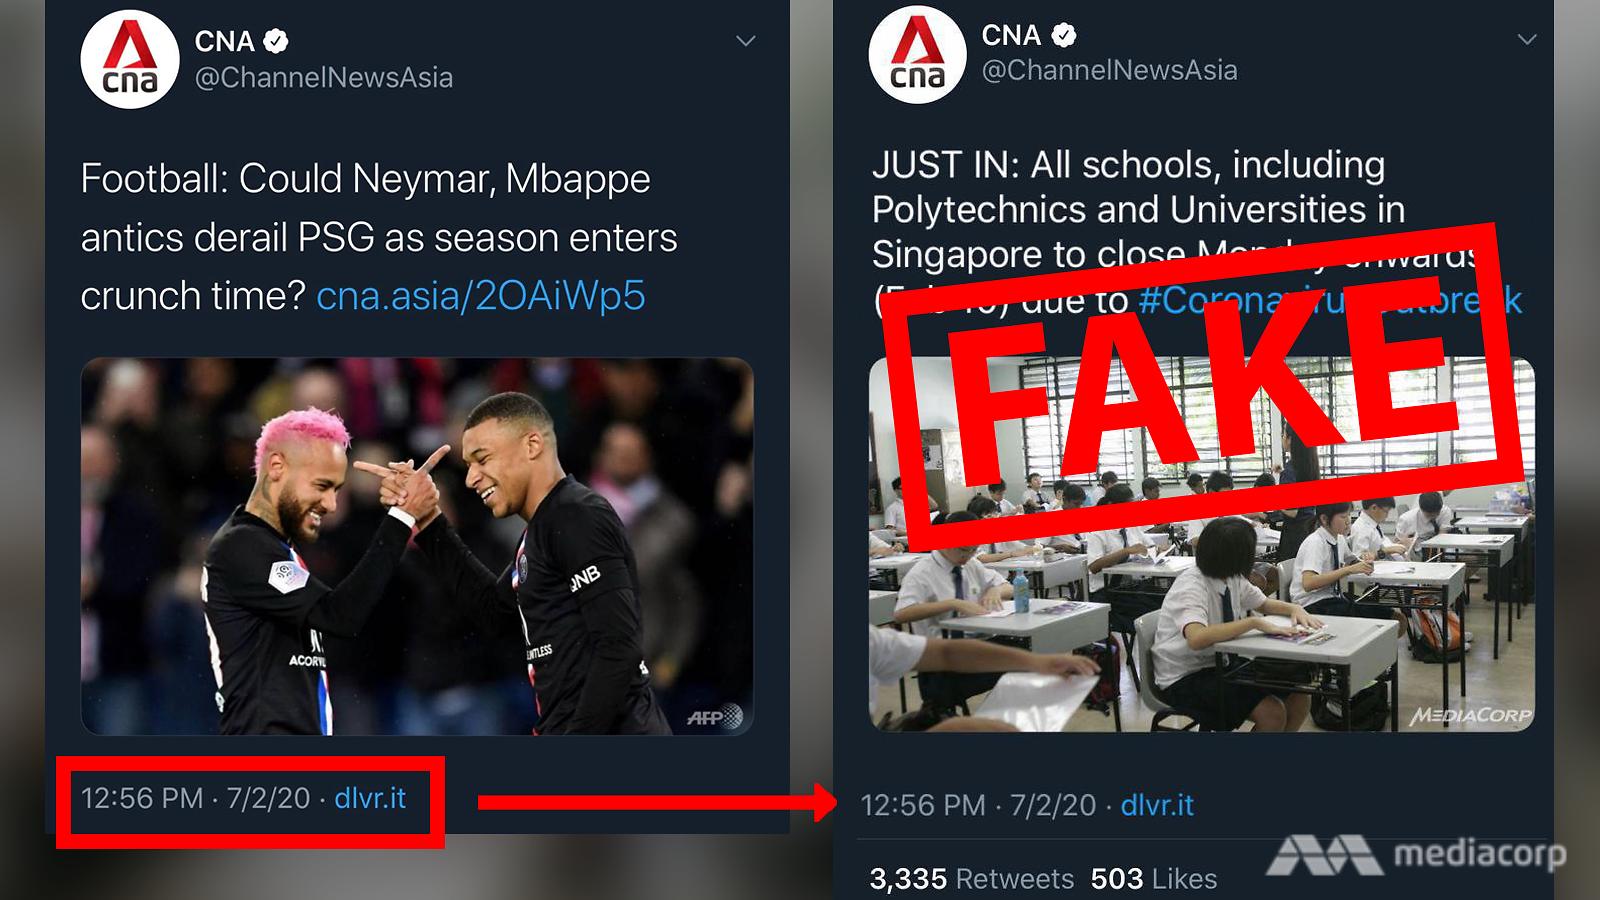 Tin nhắn Twitter giả (bên phải) về việc các trường học cho học sinh nghỉ ngày thứ Hai - Ảnh: CNA